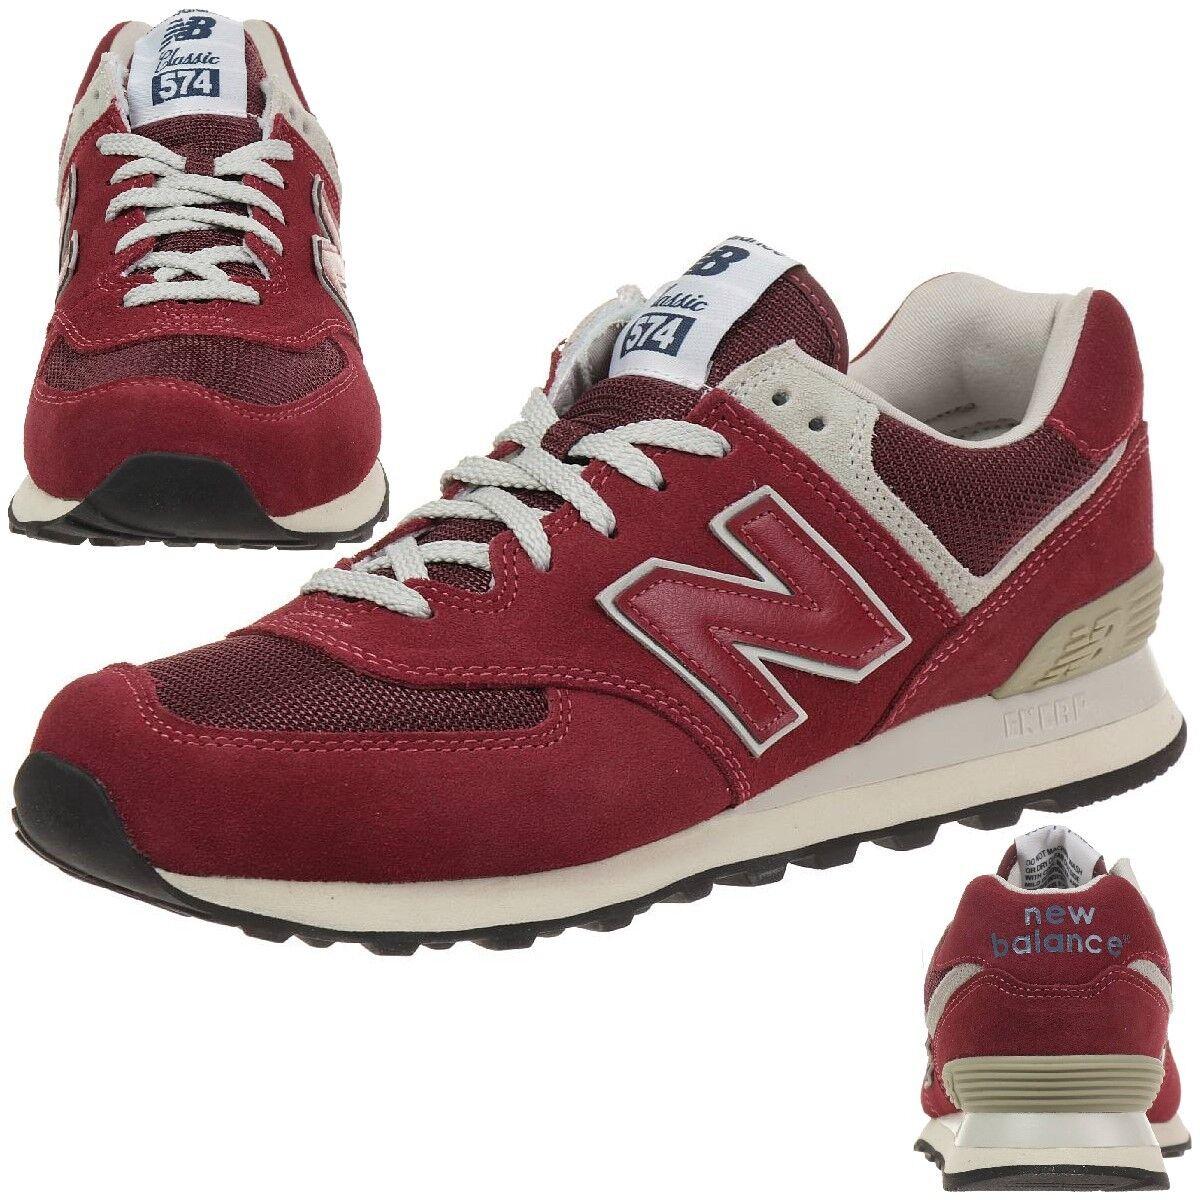 New Balance ML574 FBR Classic Sneaker Unisex Schuhe rot ML574FBR